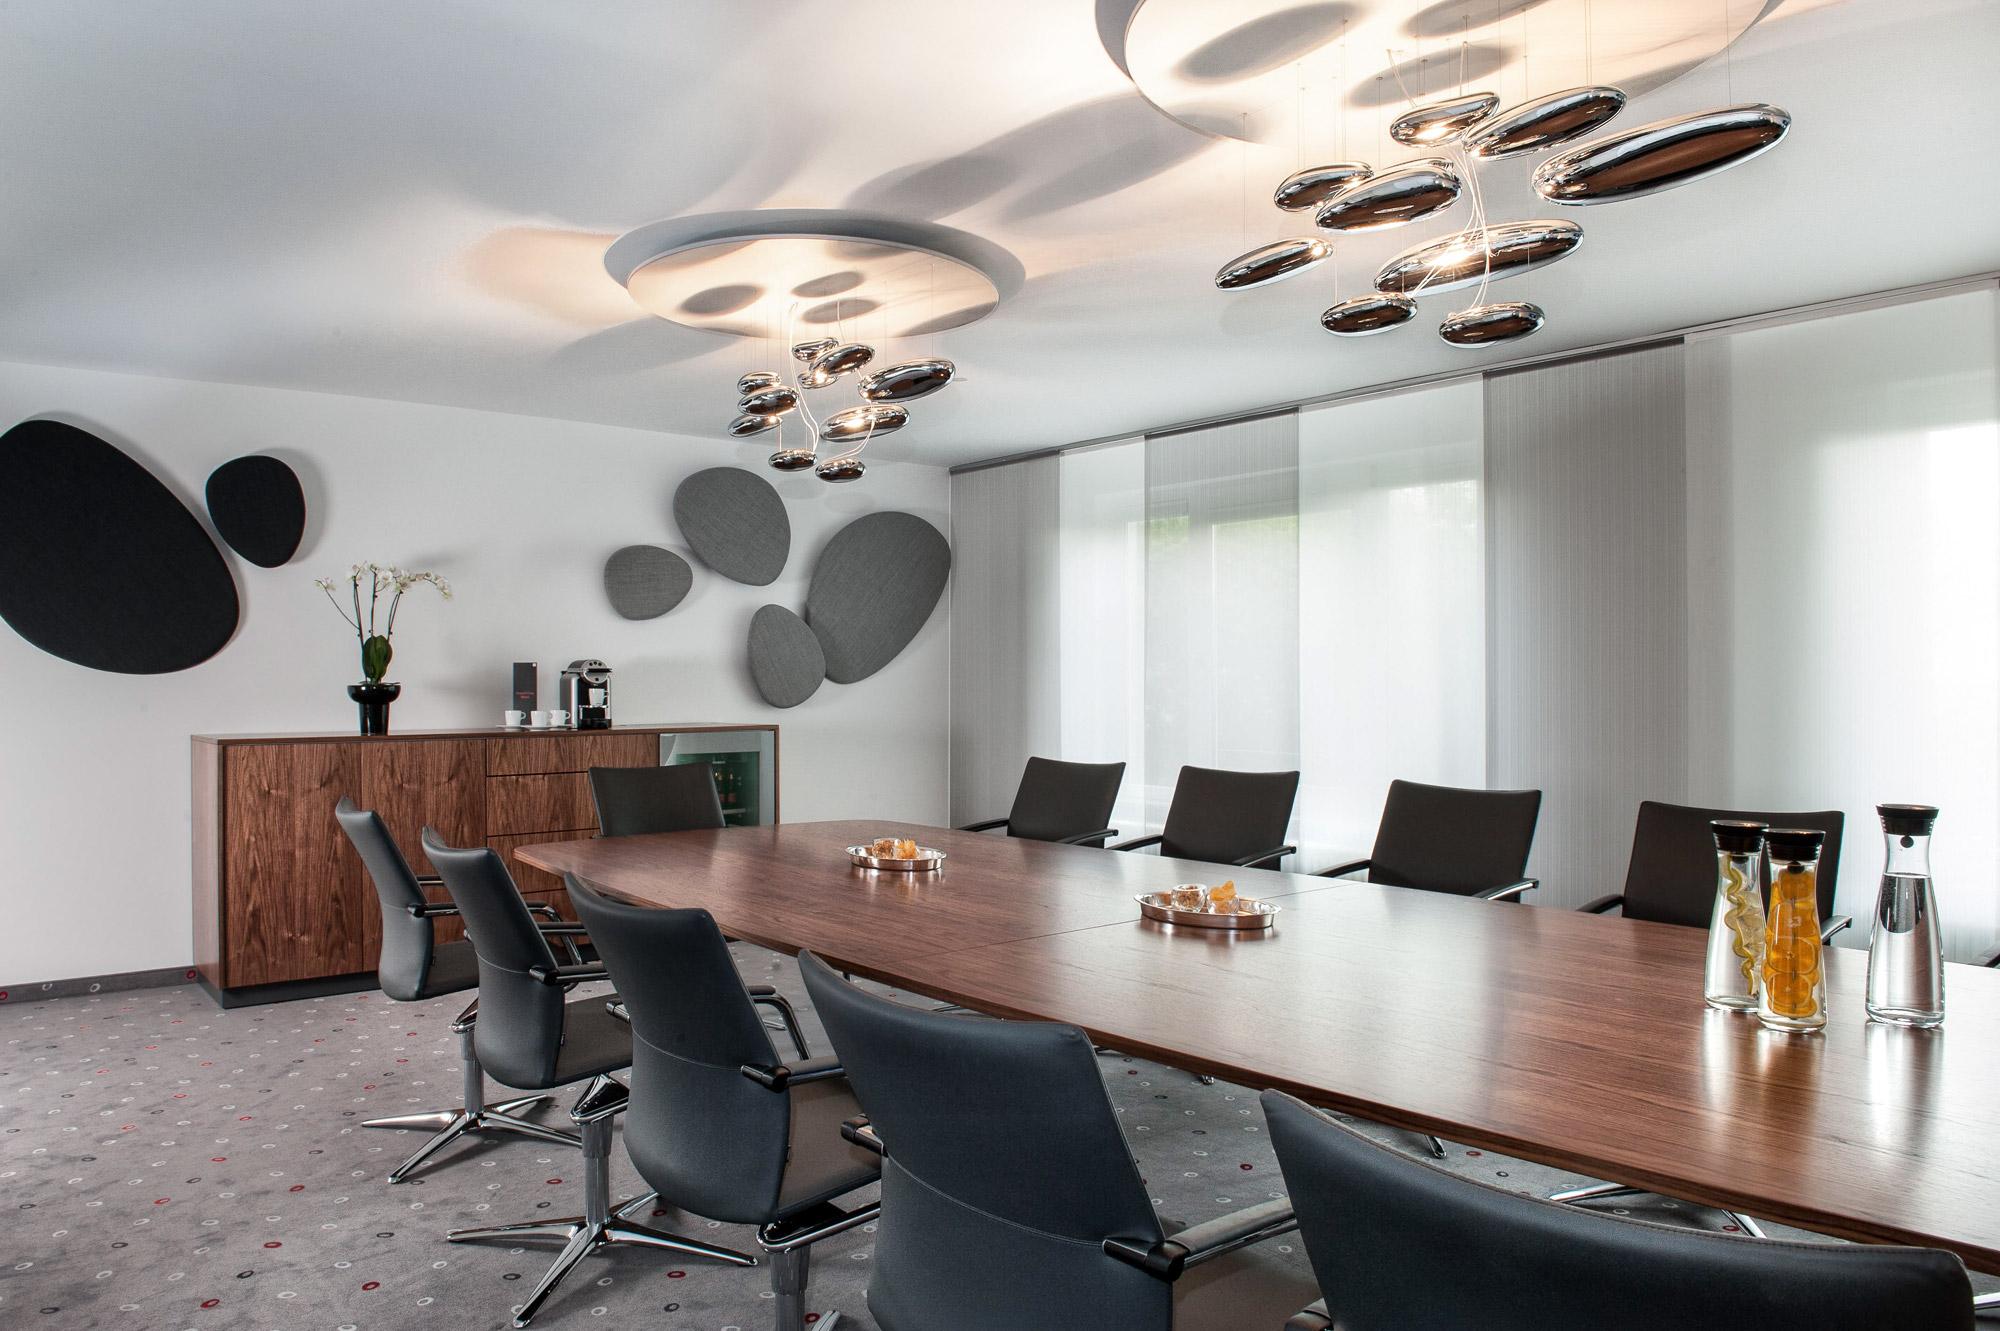 Tagungsraum Businesshotel Muenchen